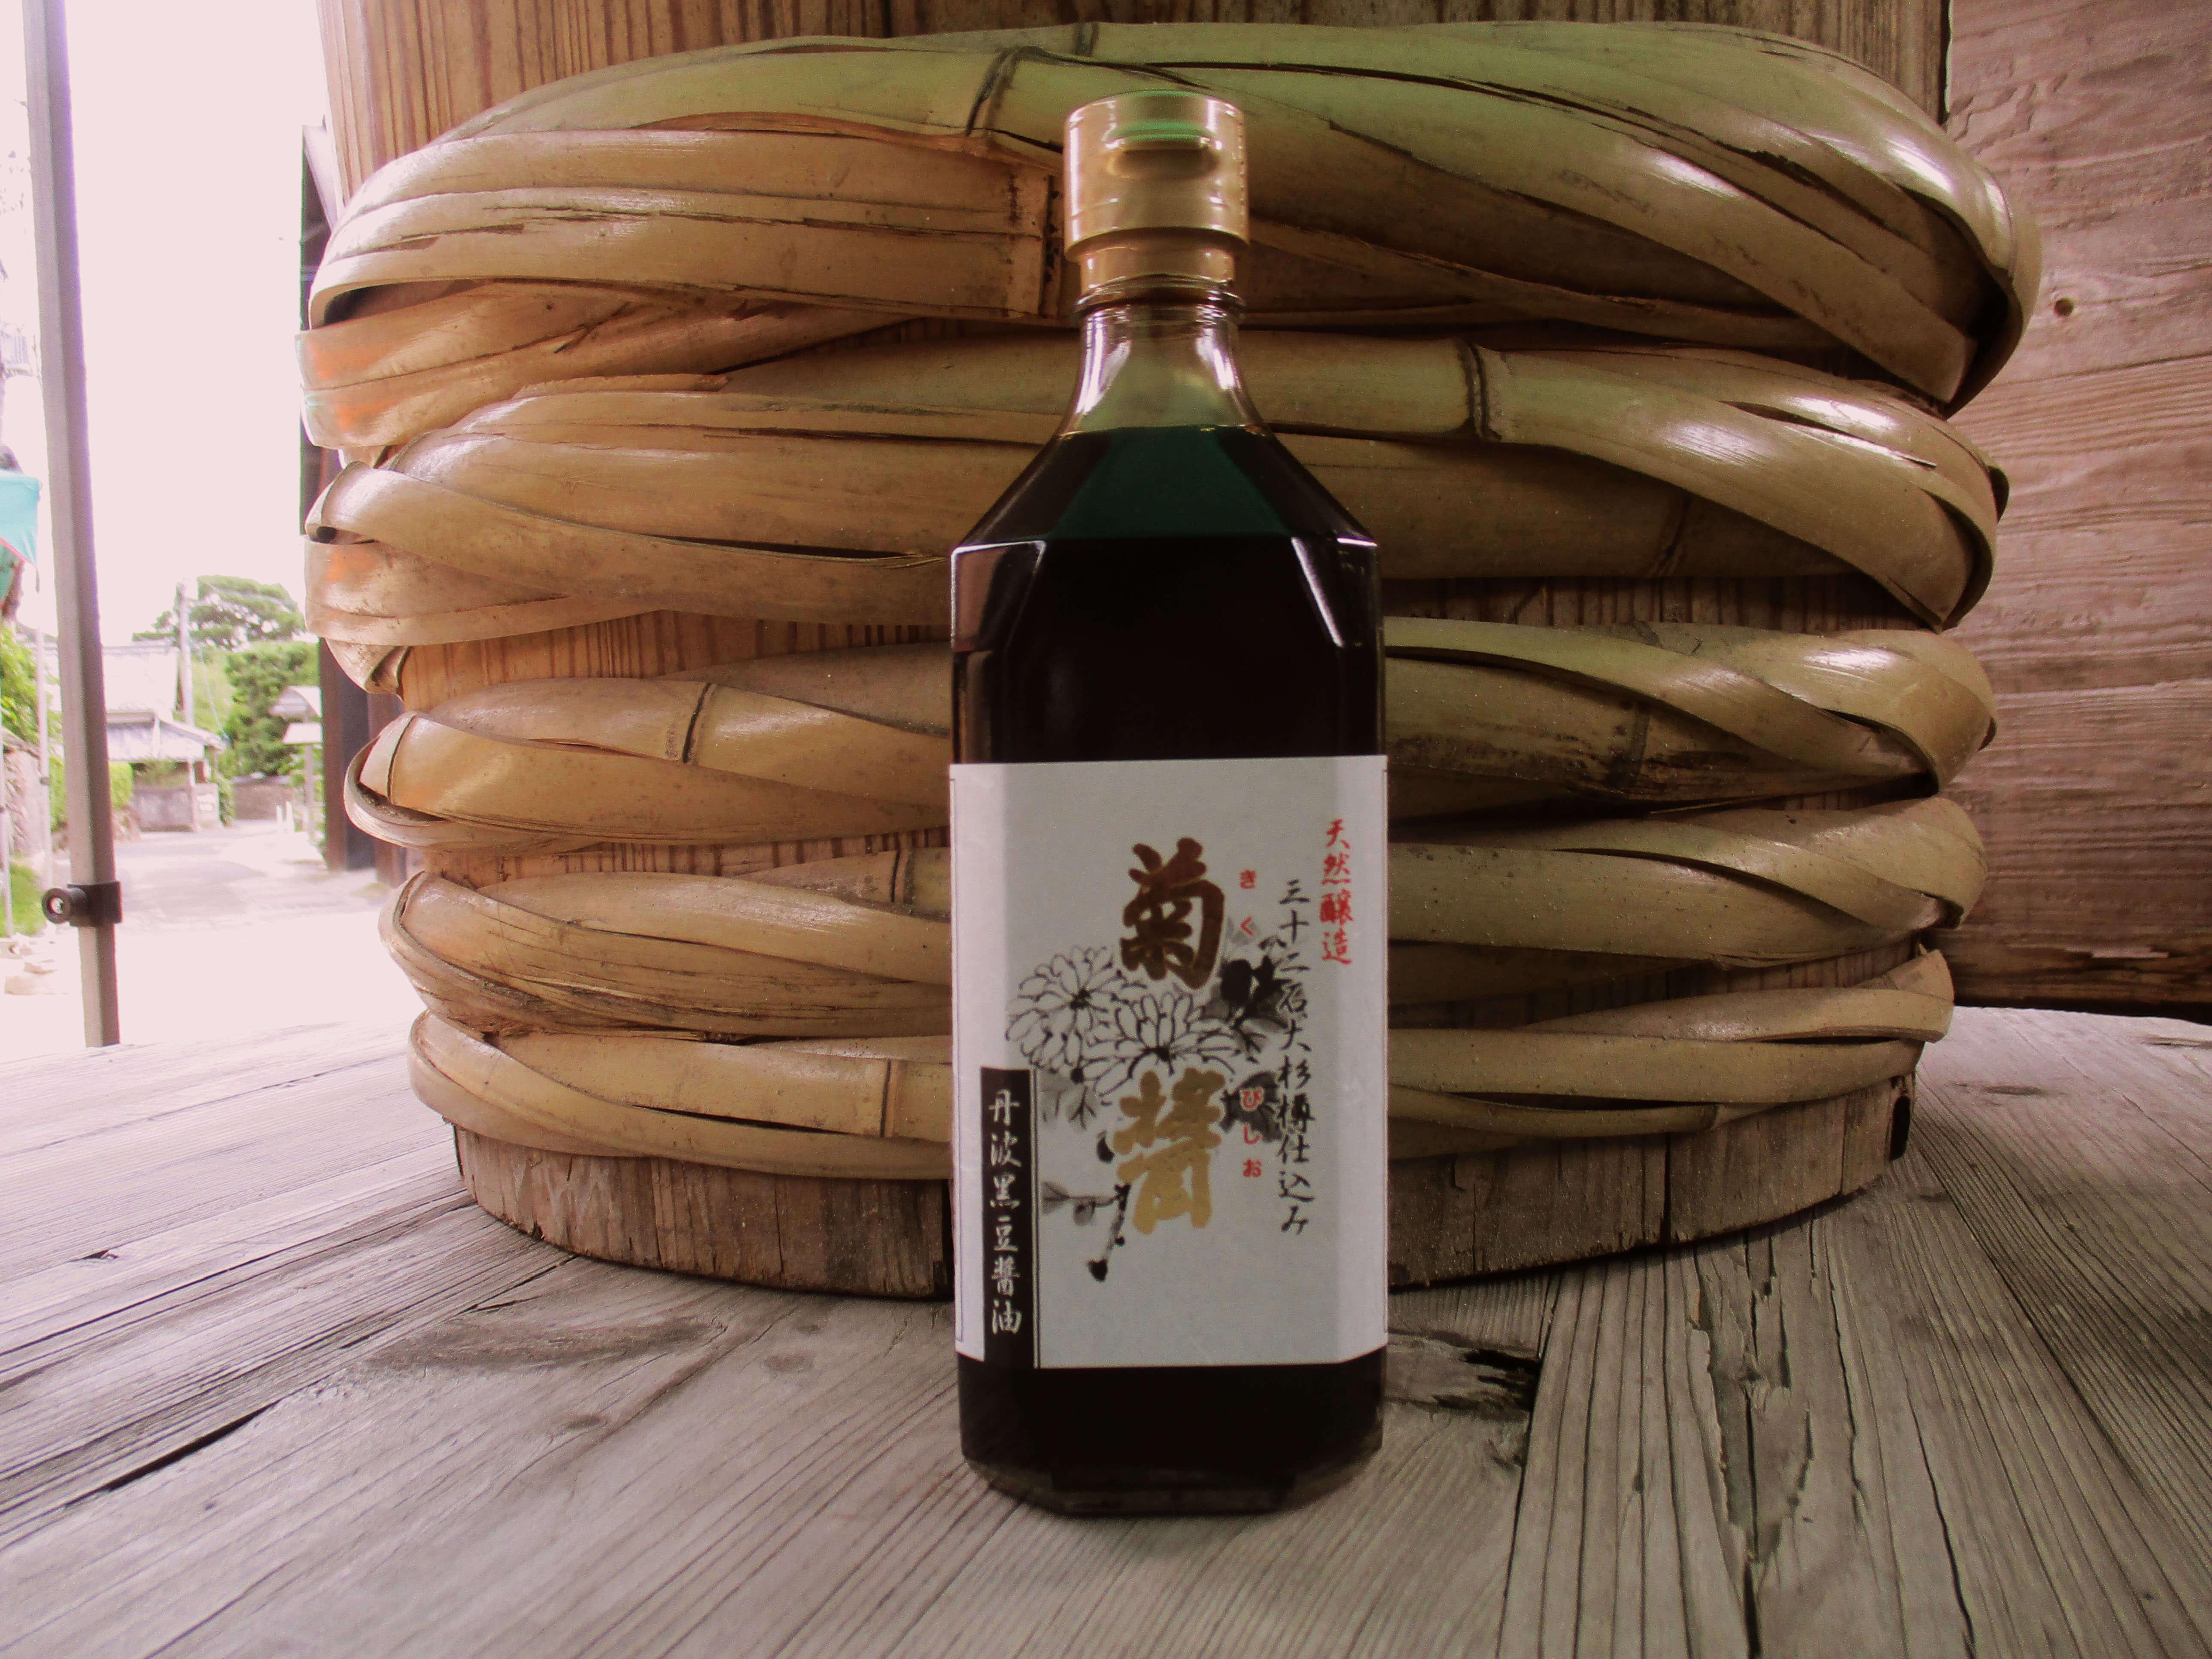 「菊醤」(きくびしお)